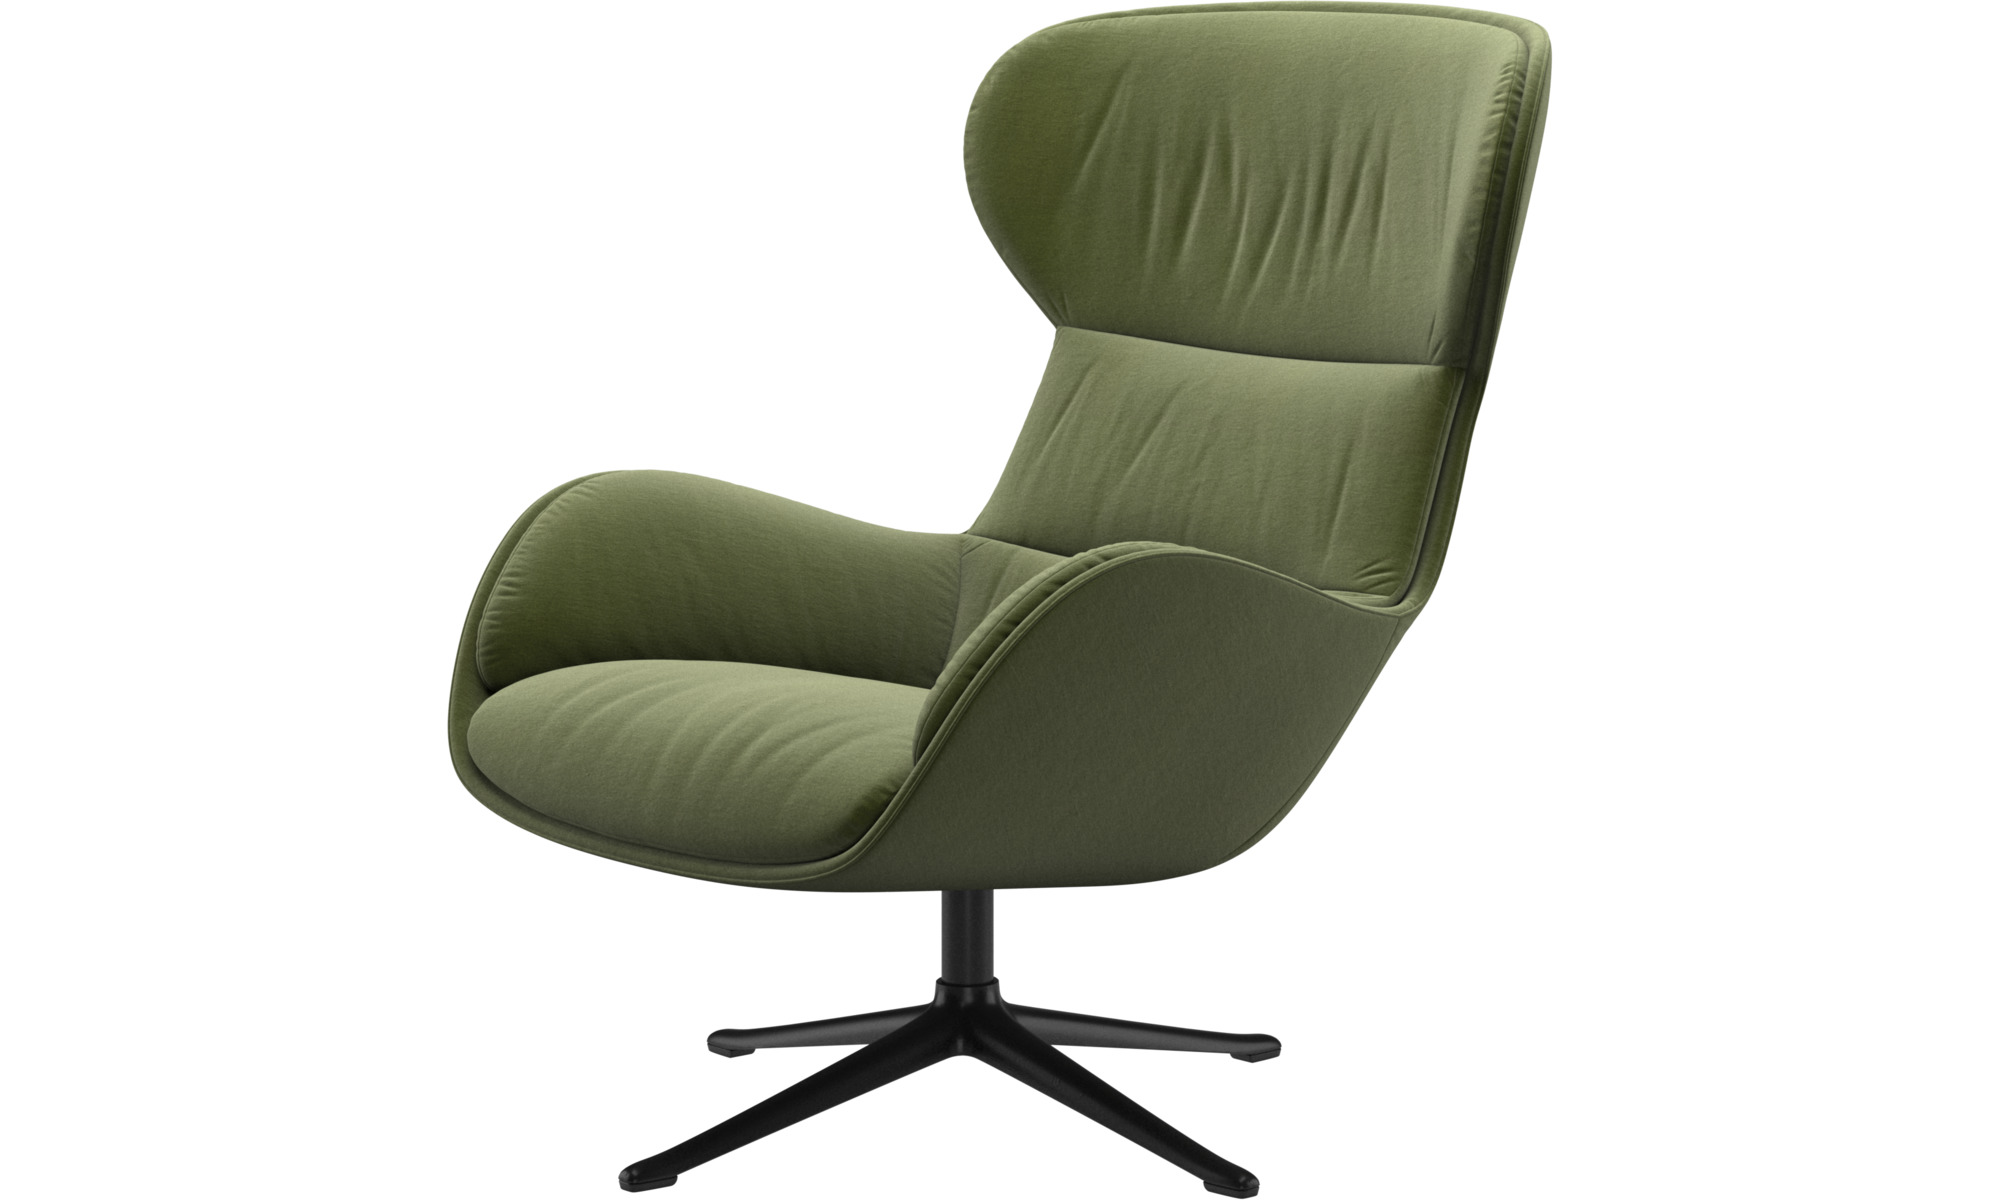 Fotele - Fotel Reno na obrotowej nodze - Zielony - Tkanina